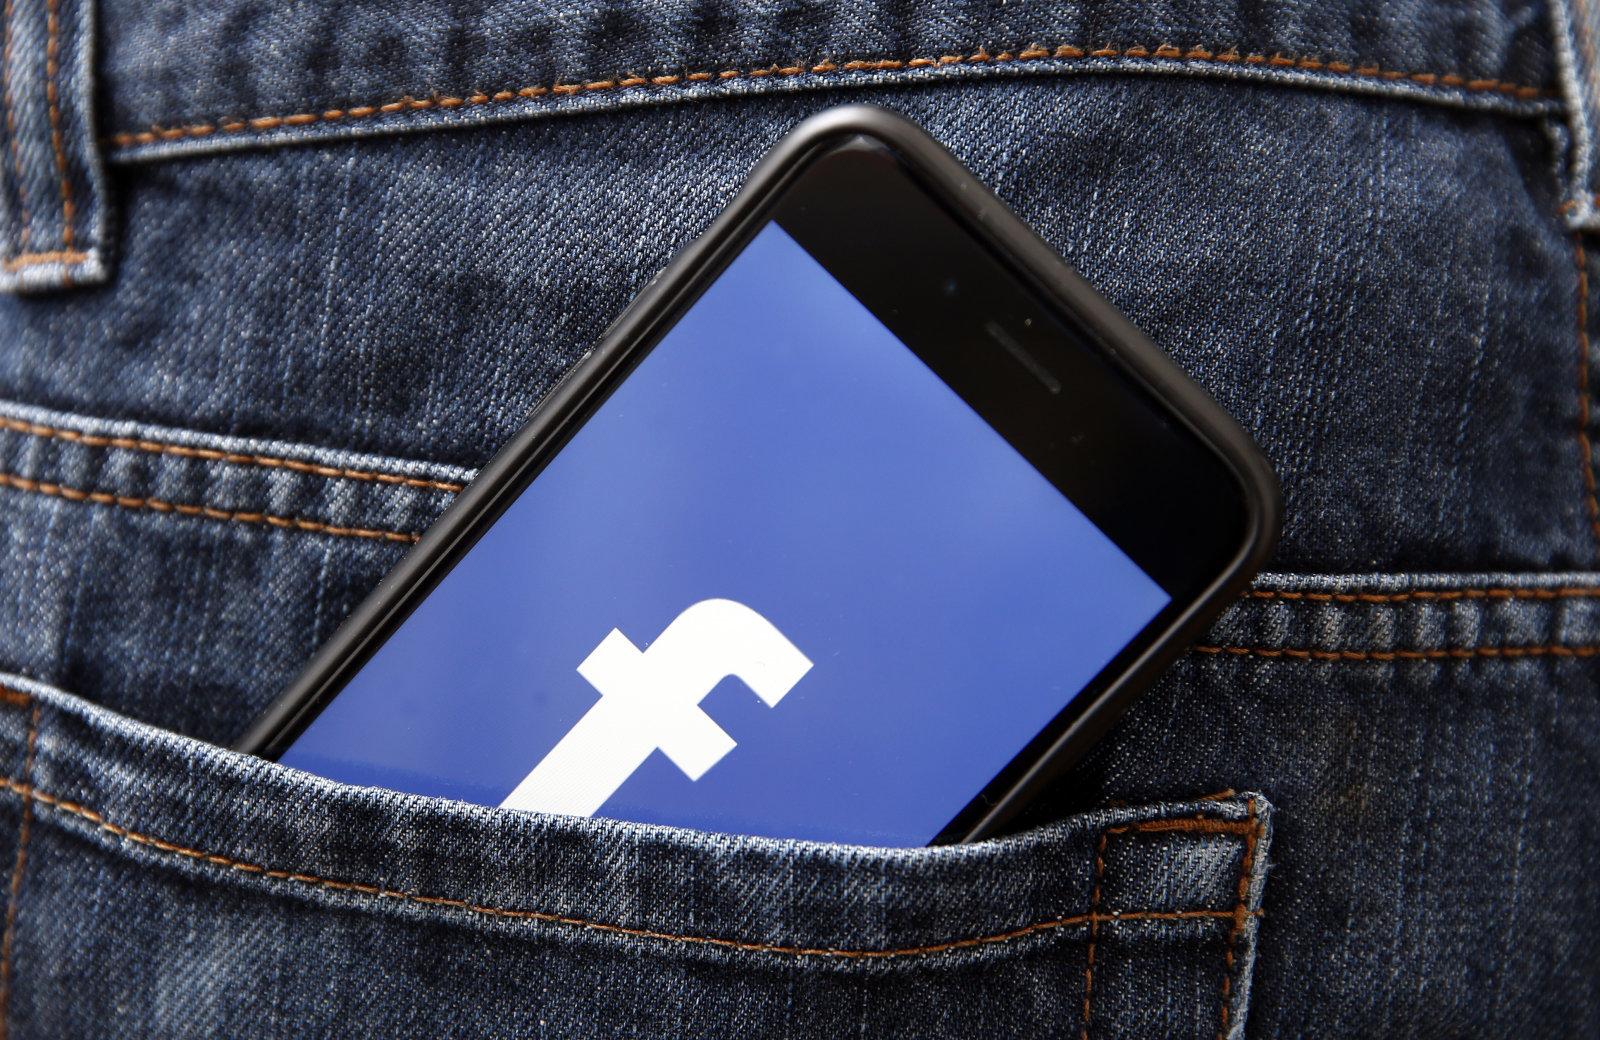 فيسبوك تحذف مئات الحسابات المرتبطة بحملات التأثير الإيرانية في الشرق الأوسط